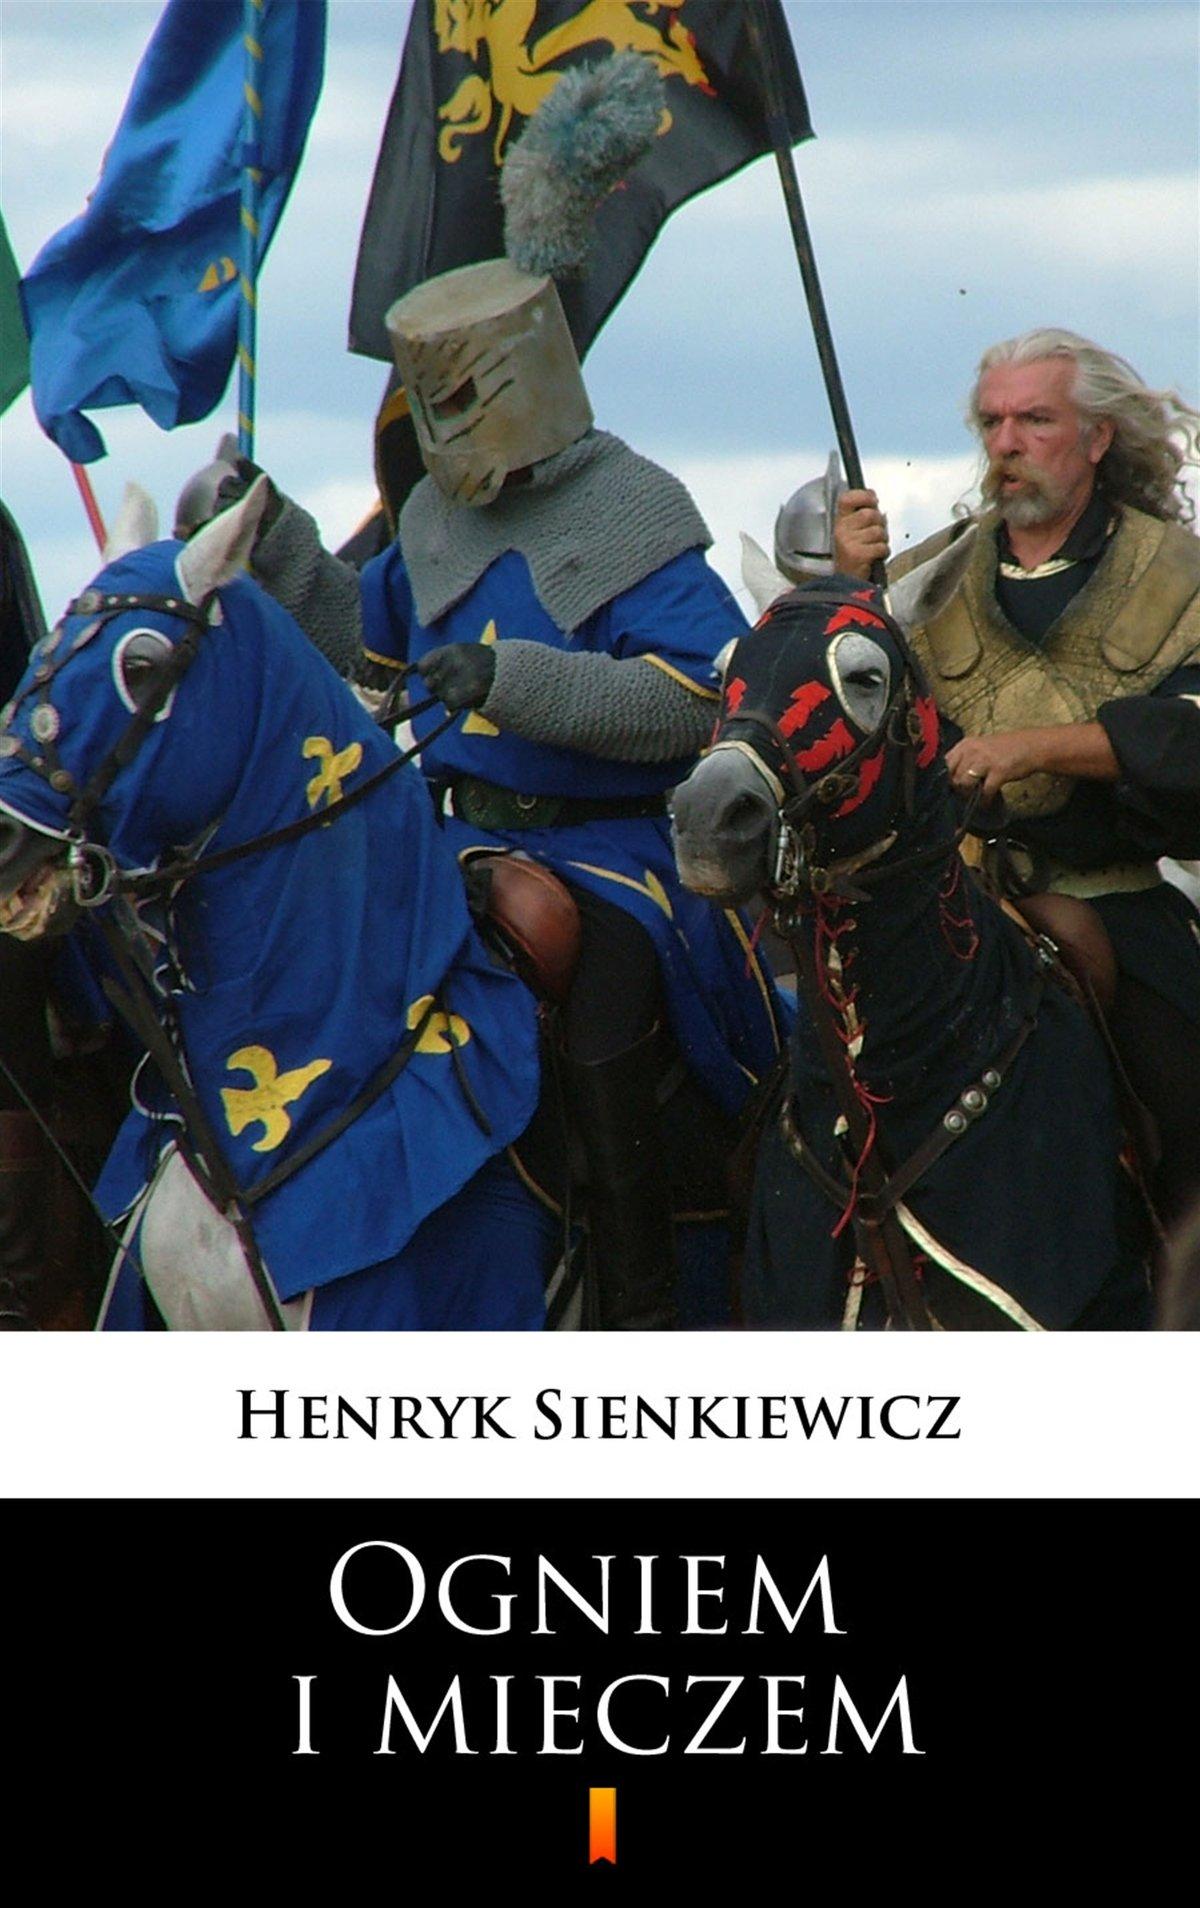 Ogniem i mieczem - Ebook (Książka na Kindle) do pobrania w formacie MOBI